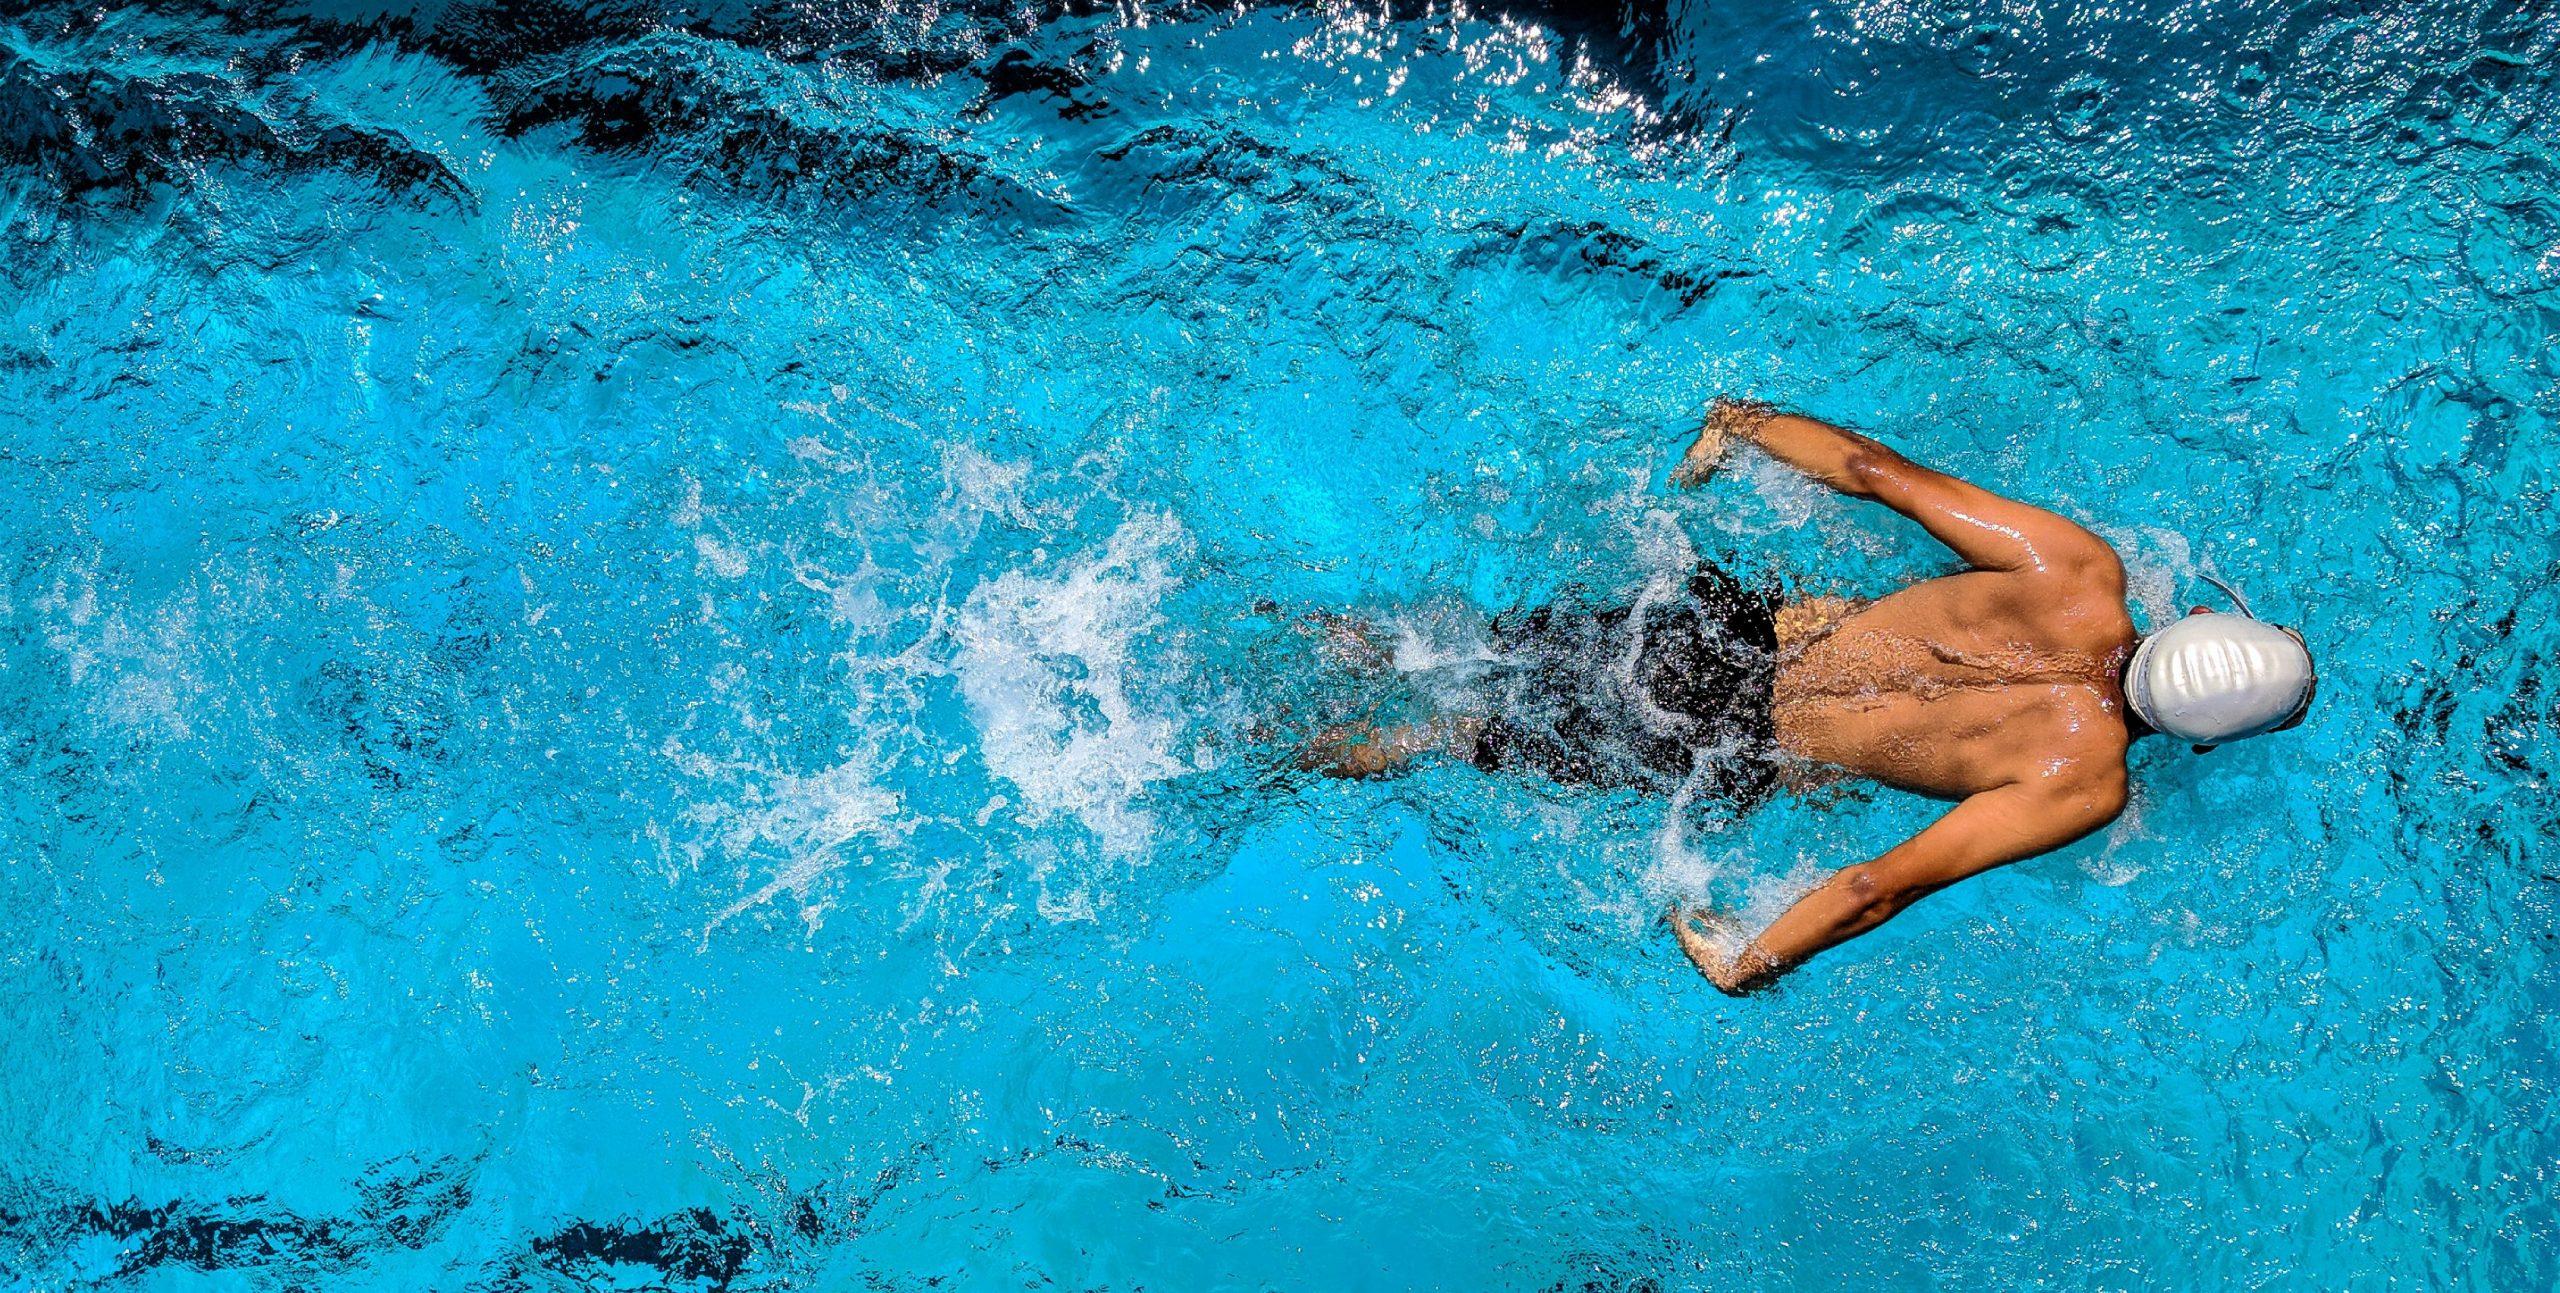 Monipuoliseen Platina-asiakkuuteen sisältyy myös uimalan käyttöoikeus